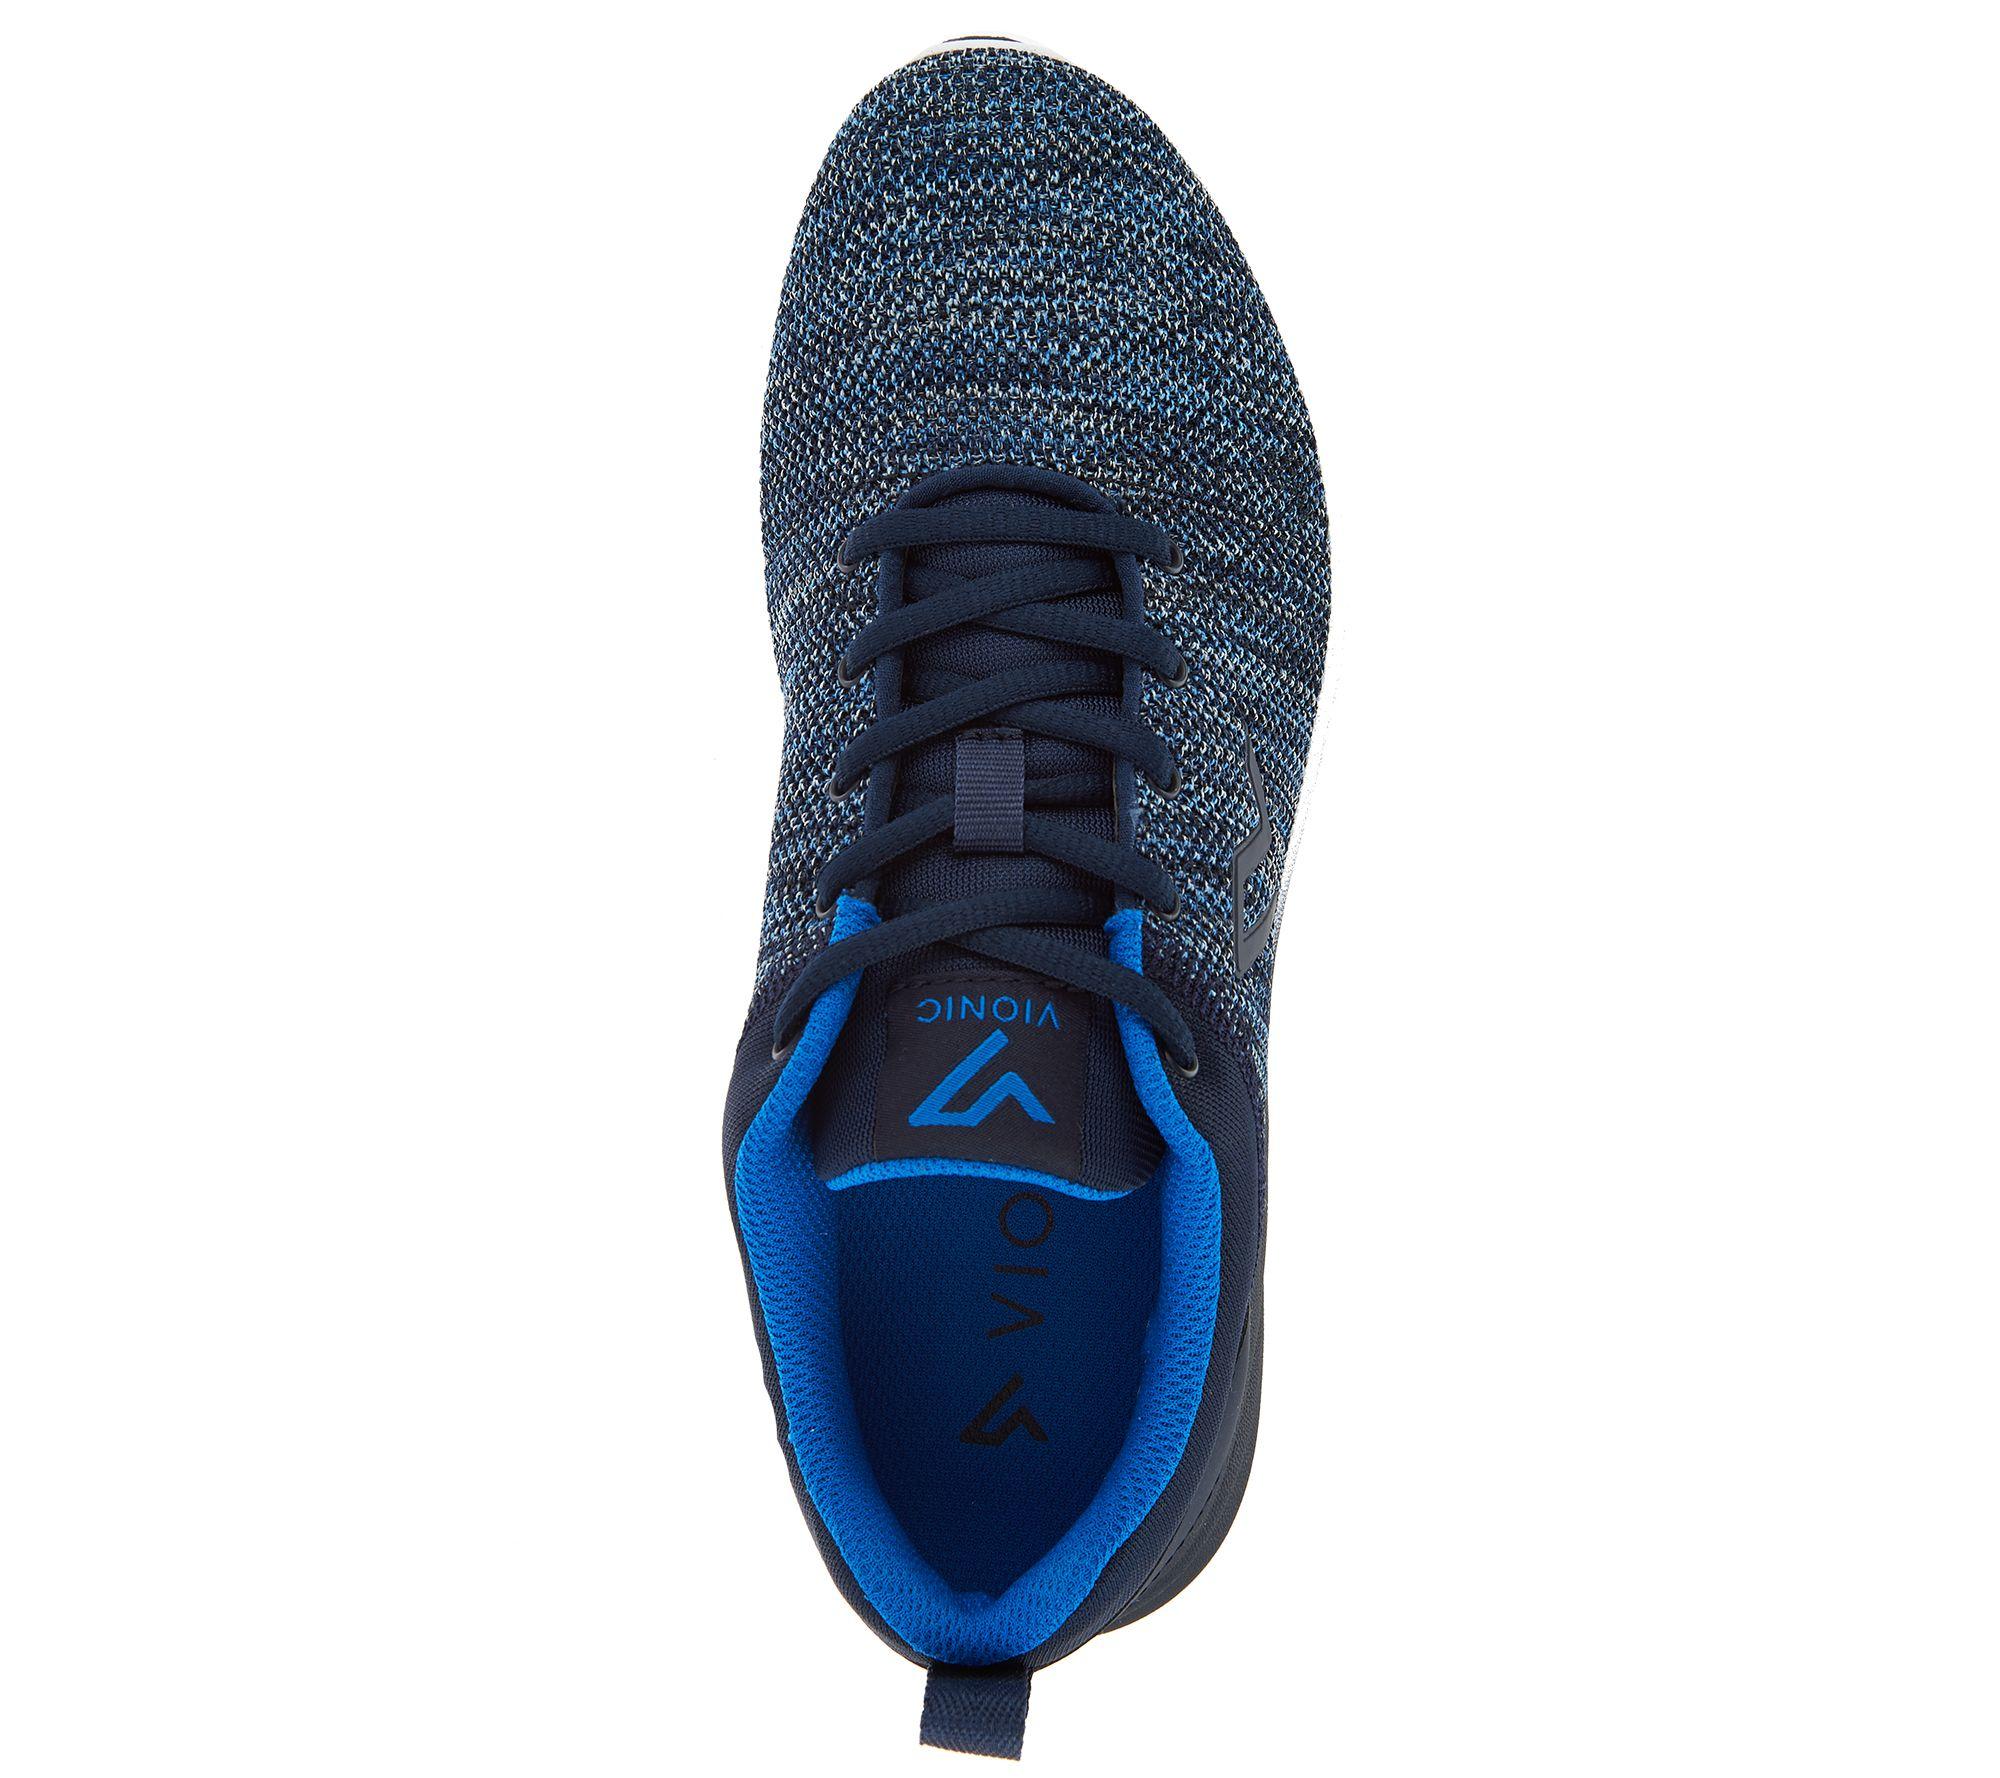 nouveau produit 12573 ad36e mens nike shox agile leather